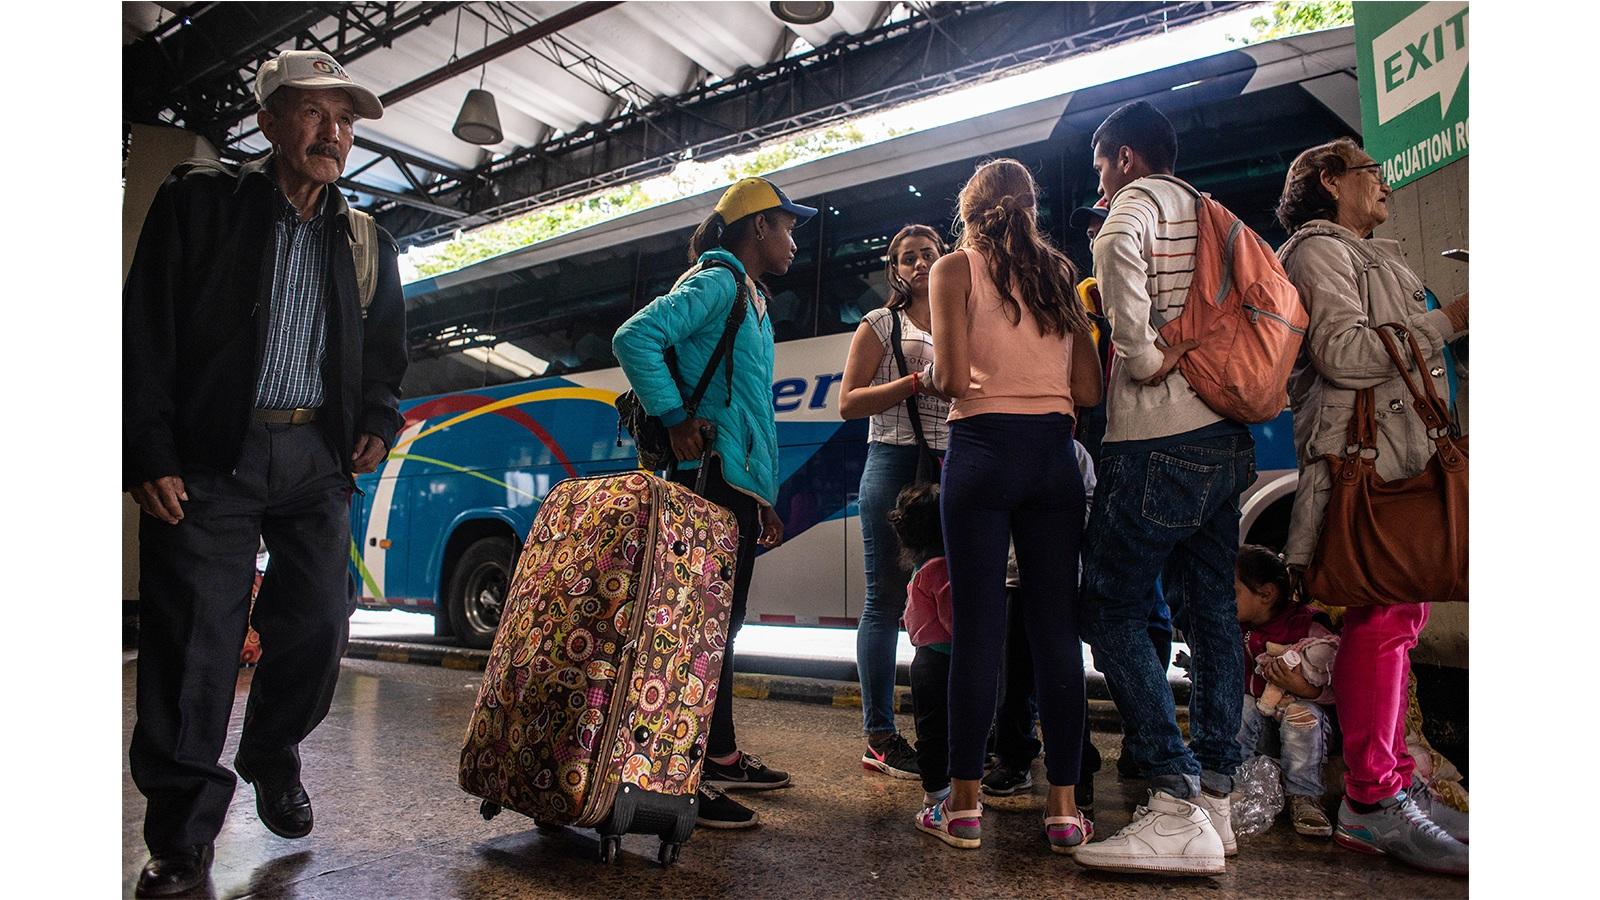 Perú exigirá visa humanitaria además de pasaporte a venezolanos por seguridad